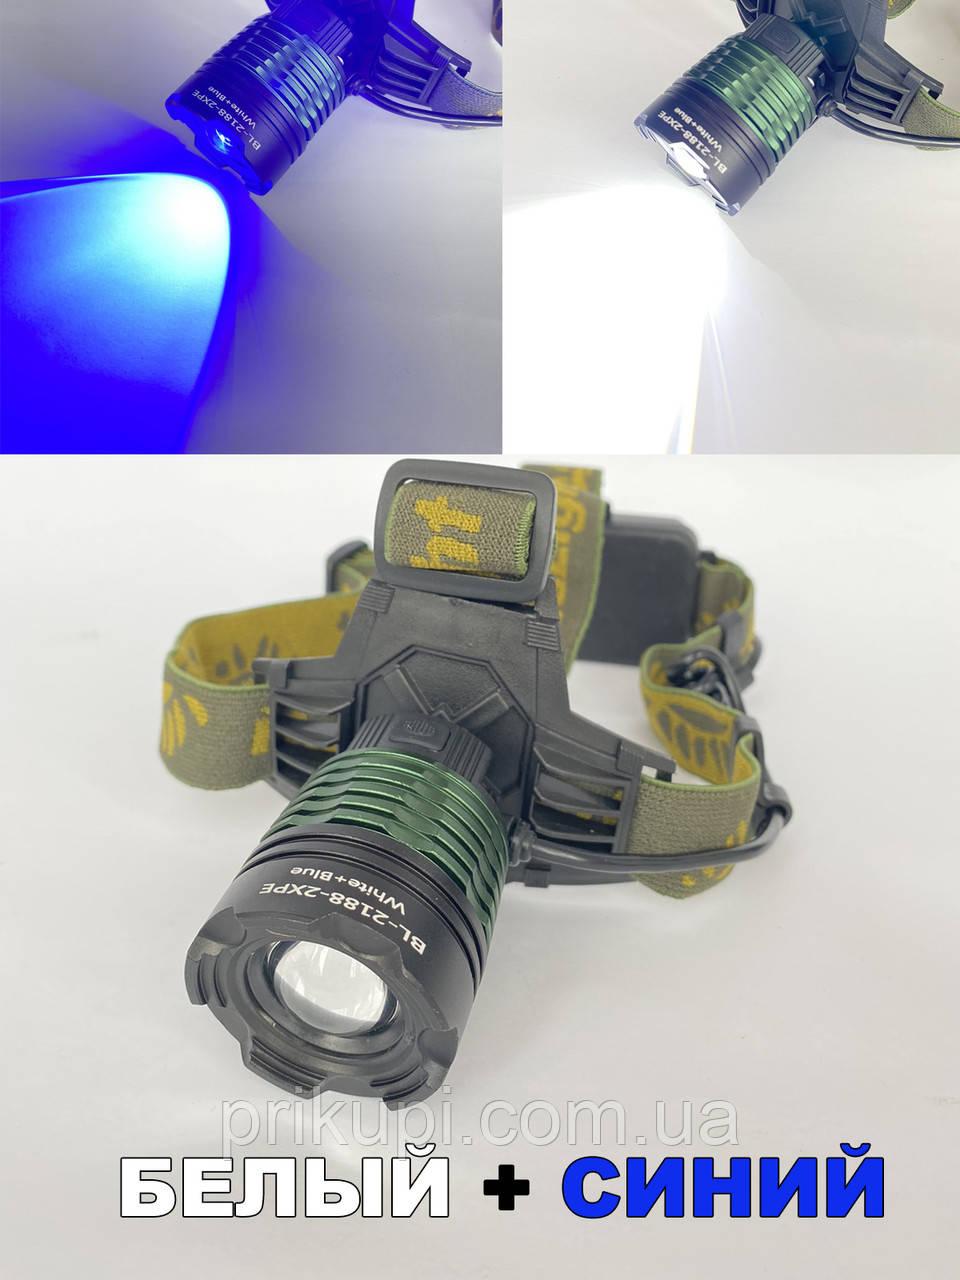 Налобний ліхтар Police BL-2188 - 2XPE білий+синій, ZOOM, акумулятори 18650 х2, ЗУ 12-220В